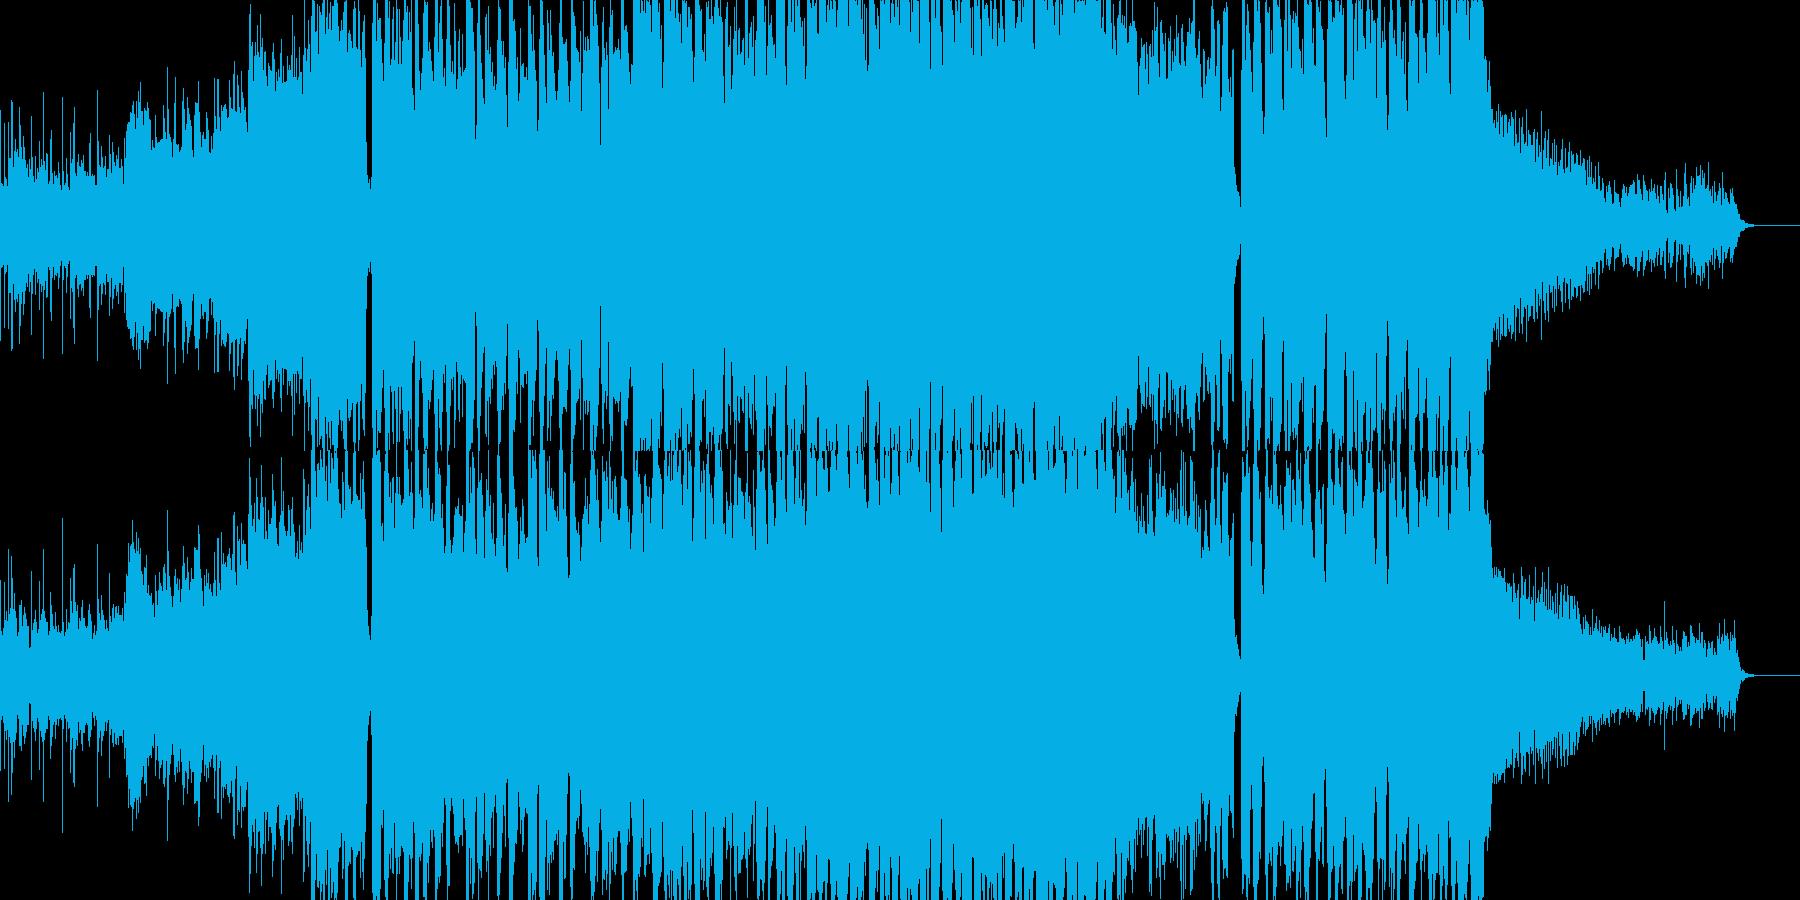 【ドラム無し】エピックメタル・オ…緊迫の再生済みの波形